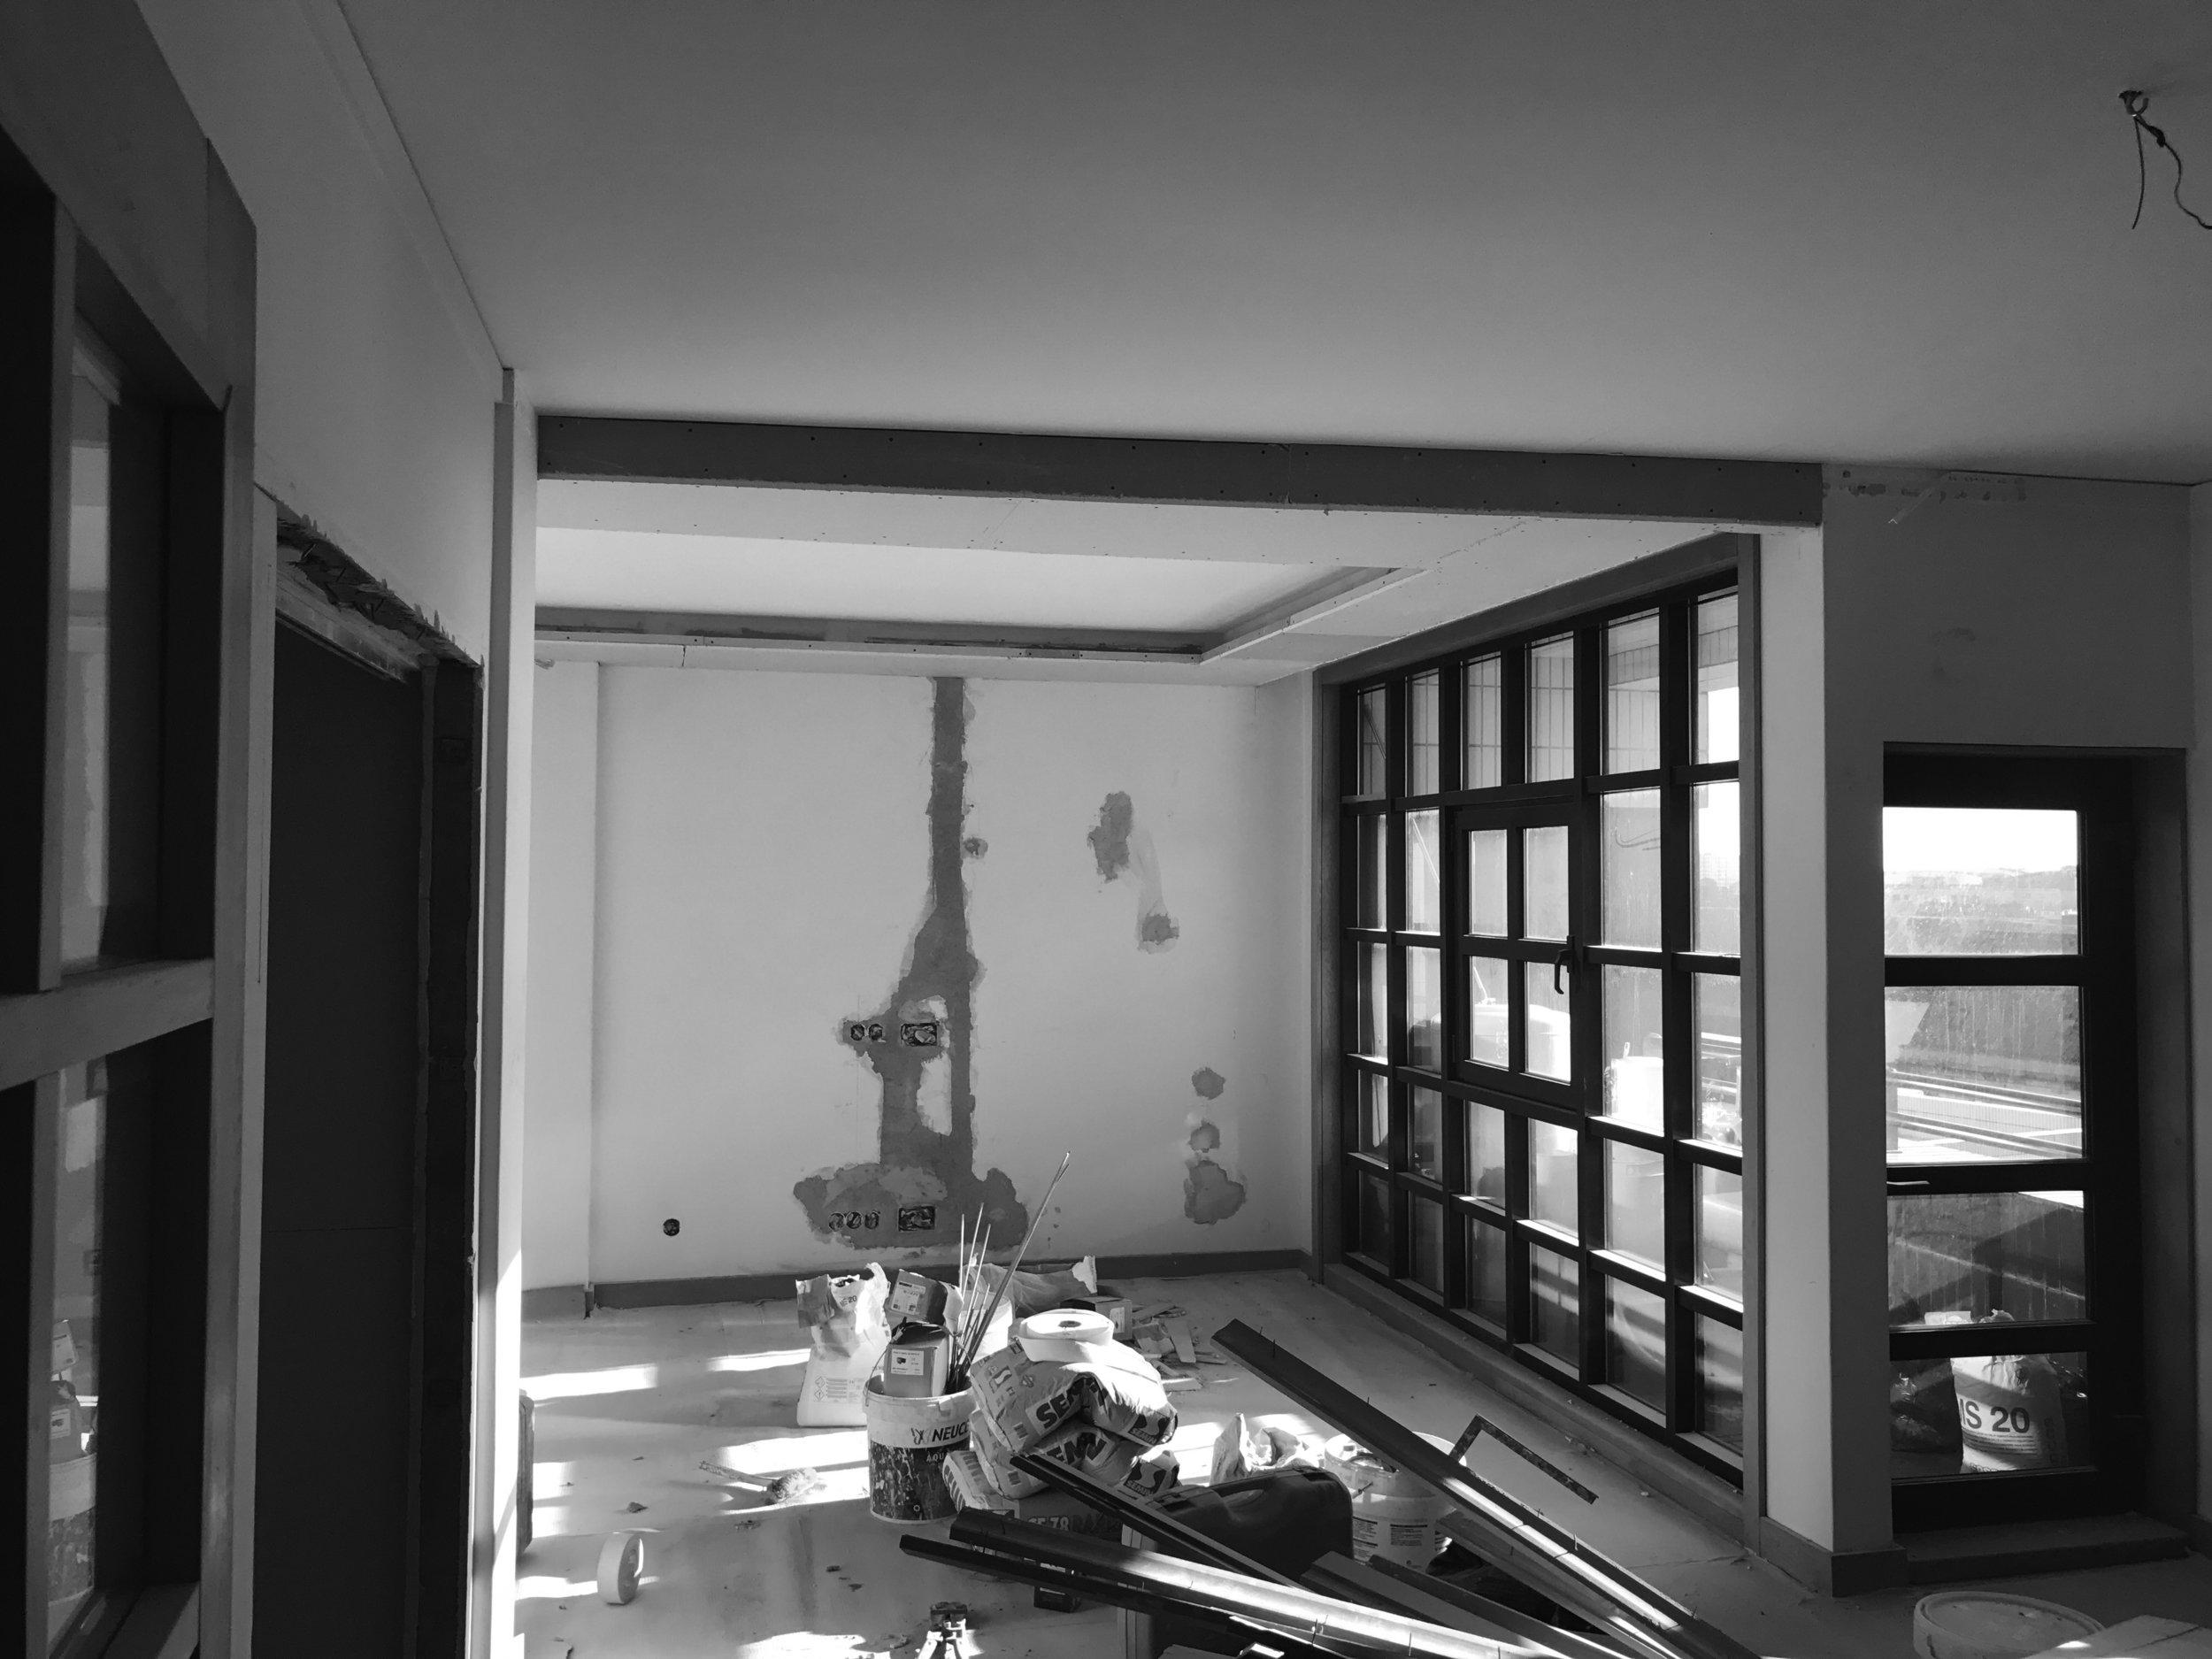 Apartamento Azul Farol - Porto - EVA evolutionary architecture - EVA atelier - Arquitecto - Remodelação (8).jpg